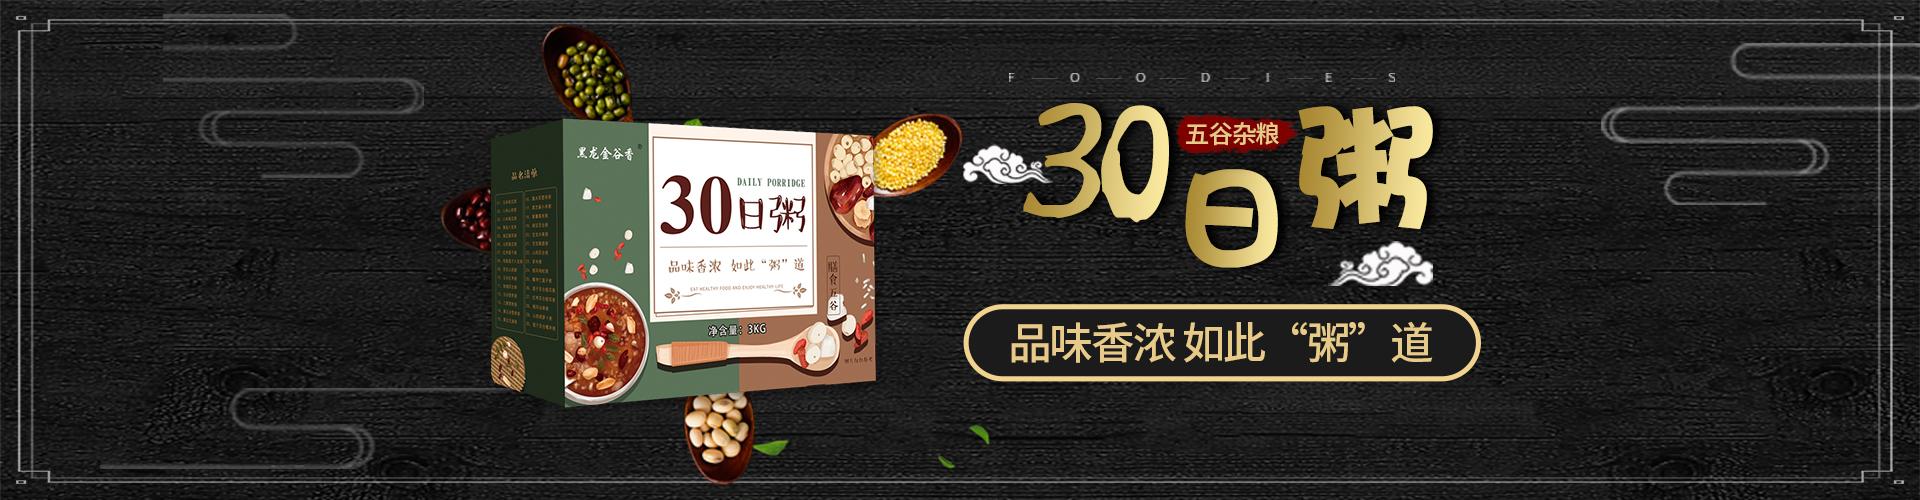 首页banner广告图5